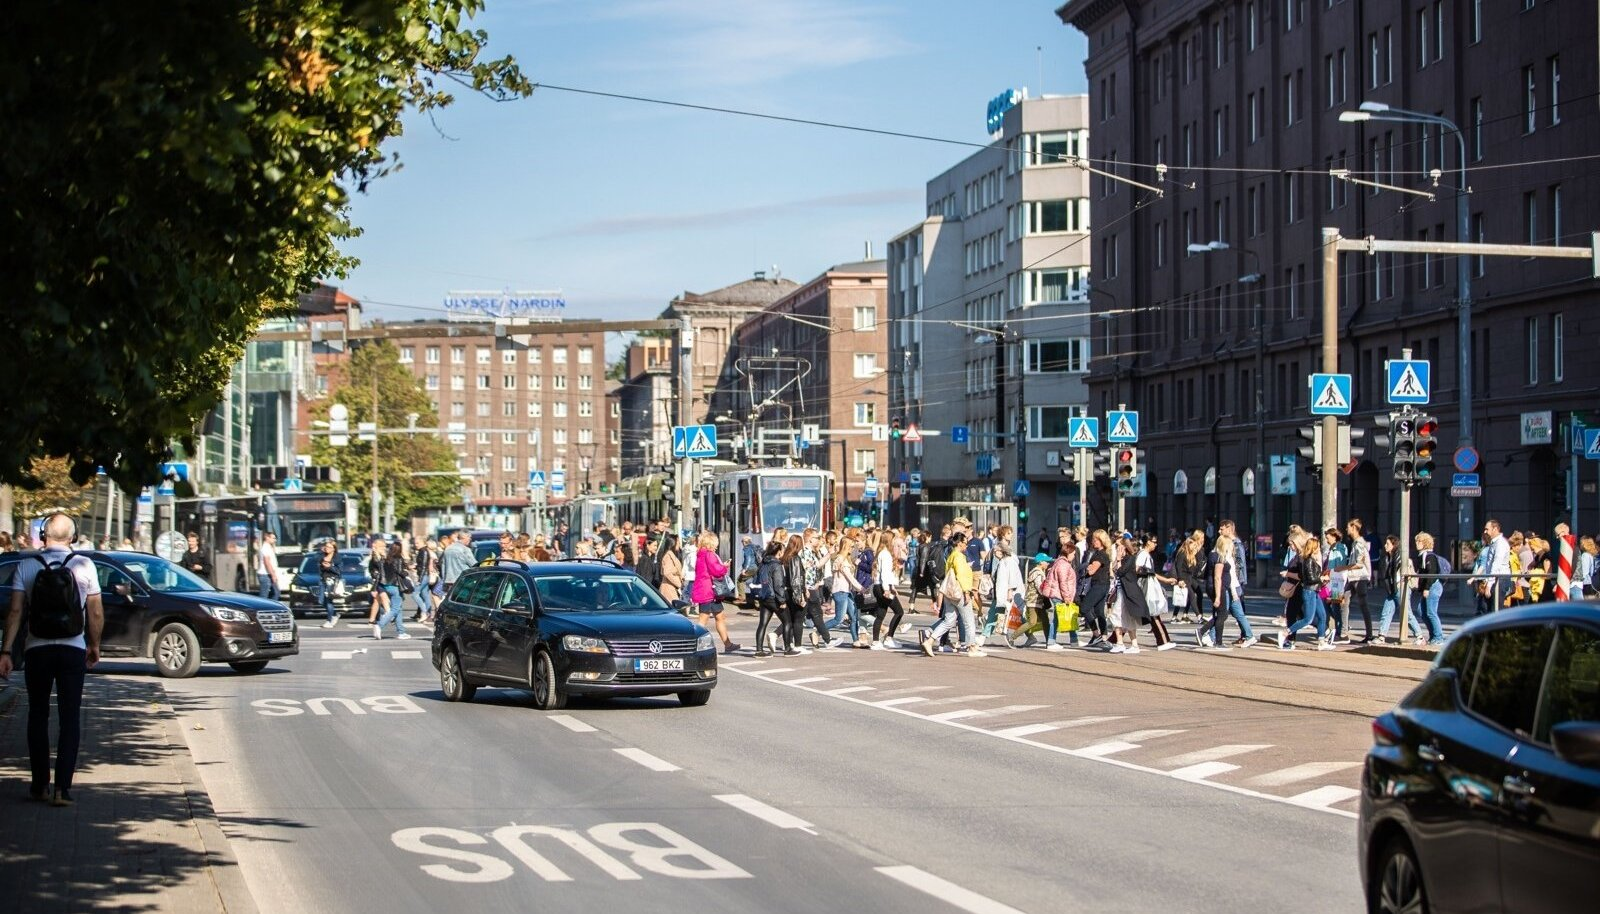 Senisel kujul peatänava projektiga linn edasi ei lähe, kuigi probleemide lahendused on laual.